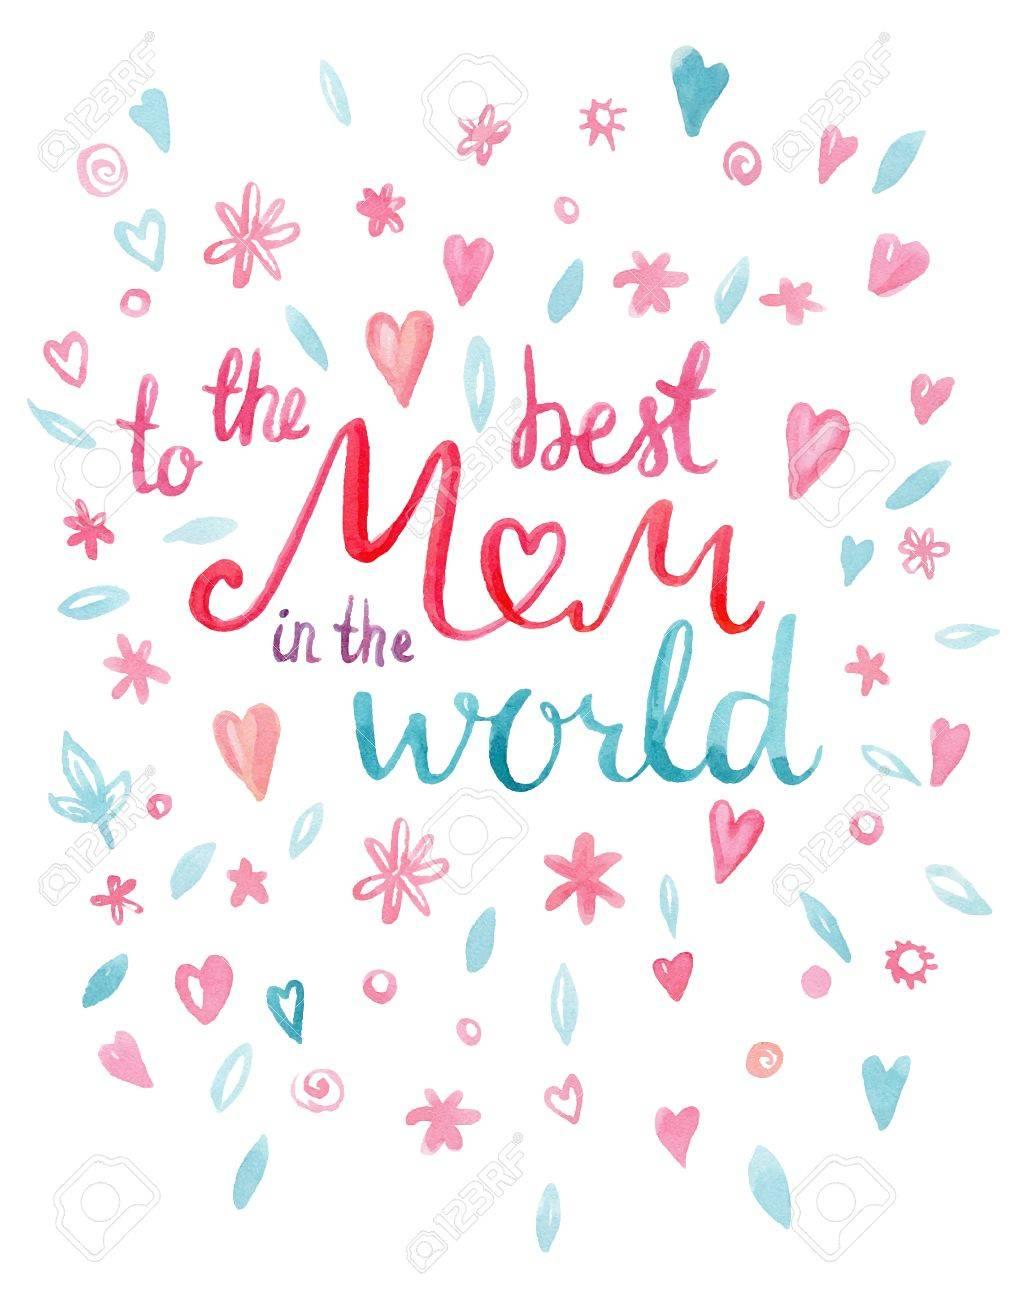 Um Die Beste Mutter In Der Welt Hand Gezeichnet Aquarell Grußkarte